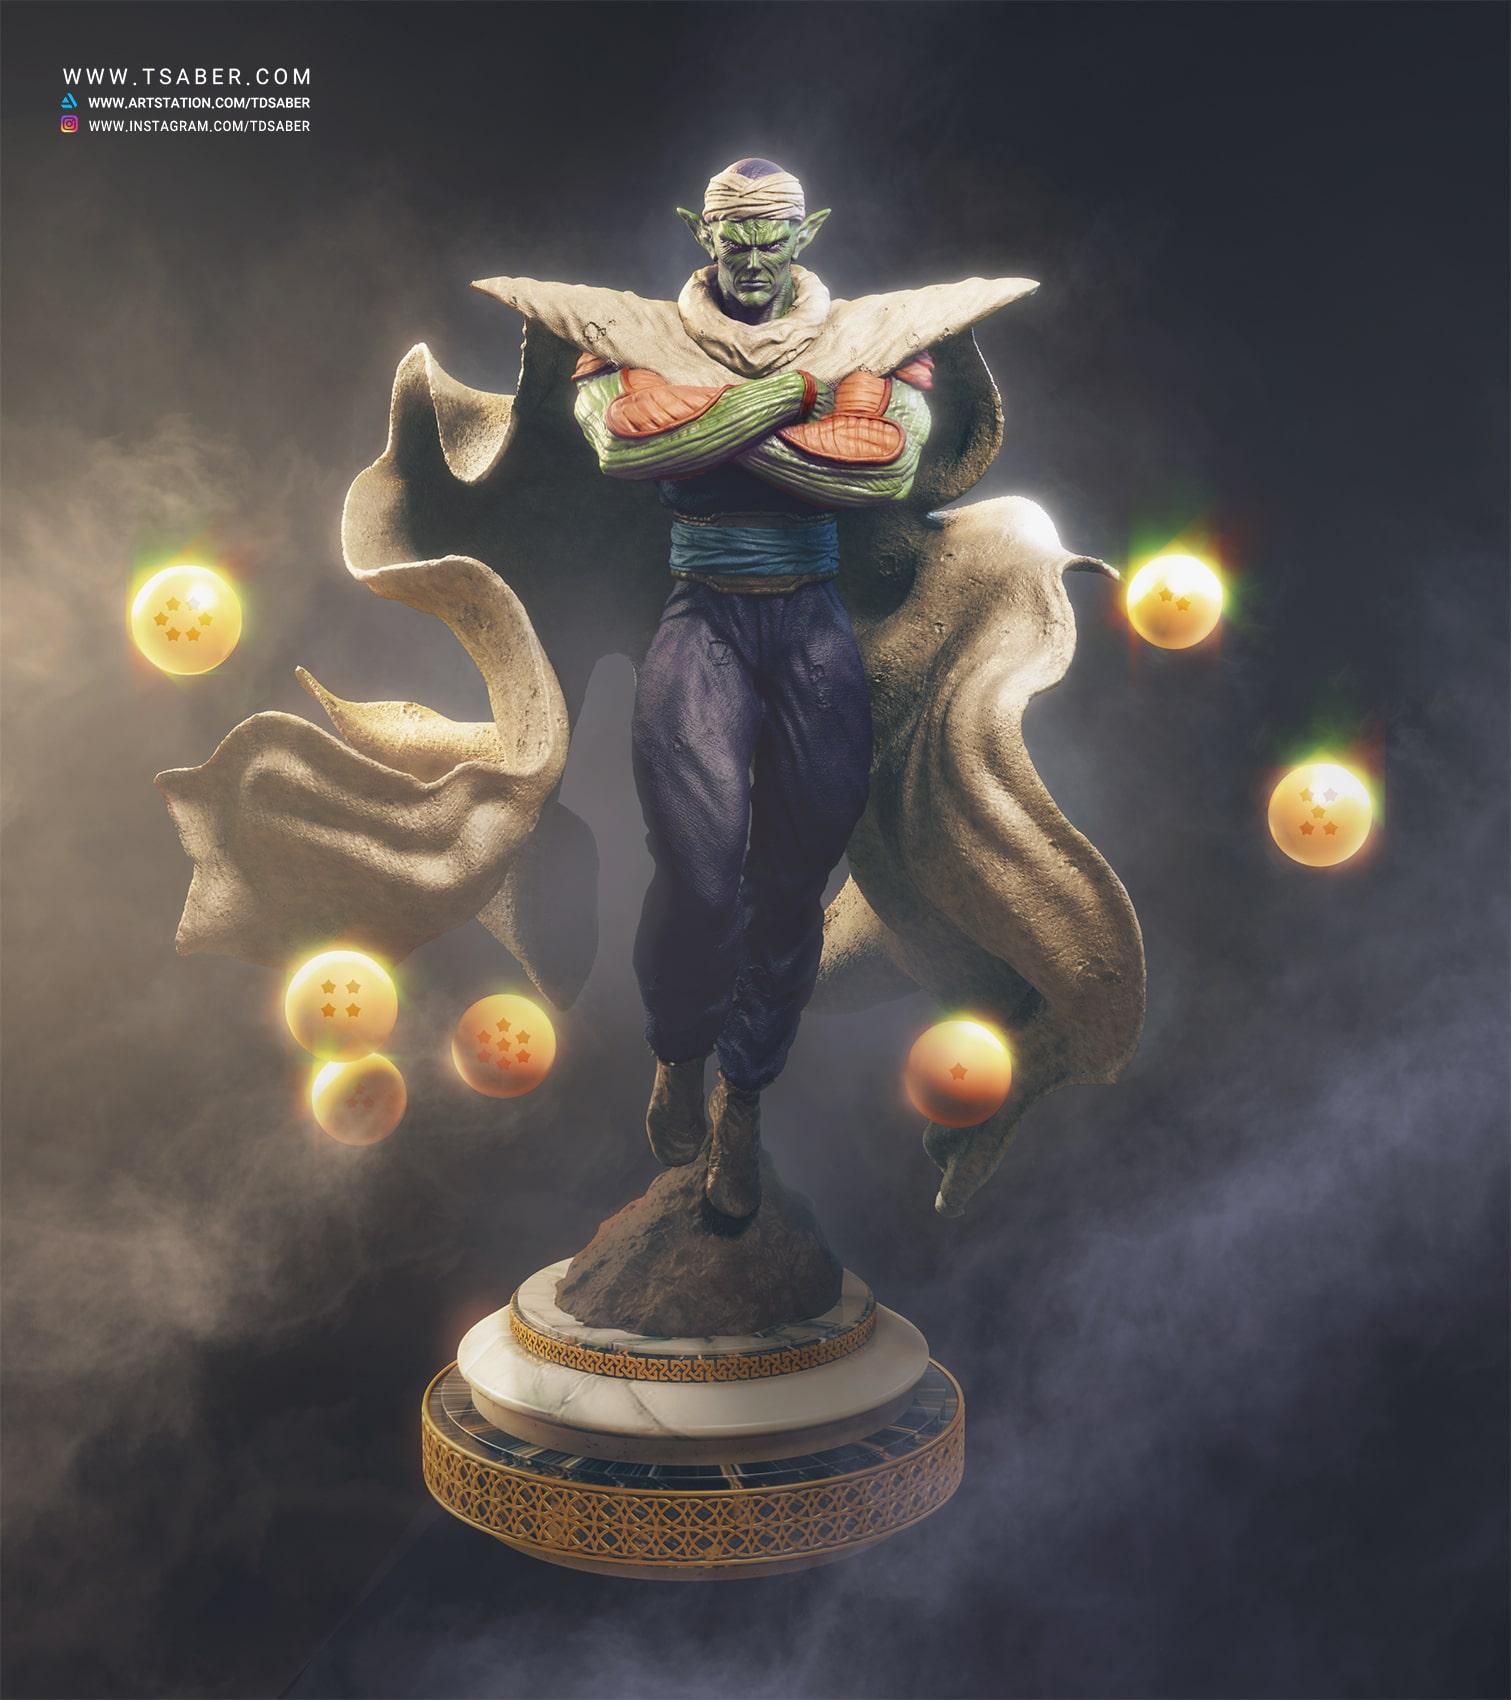 Piccolo statue